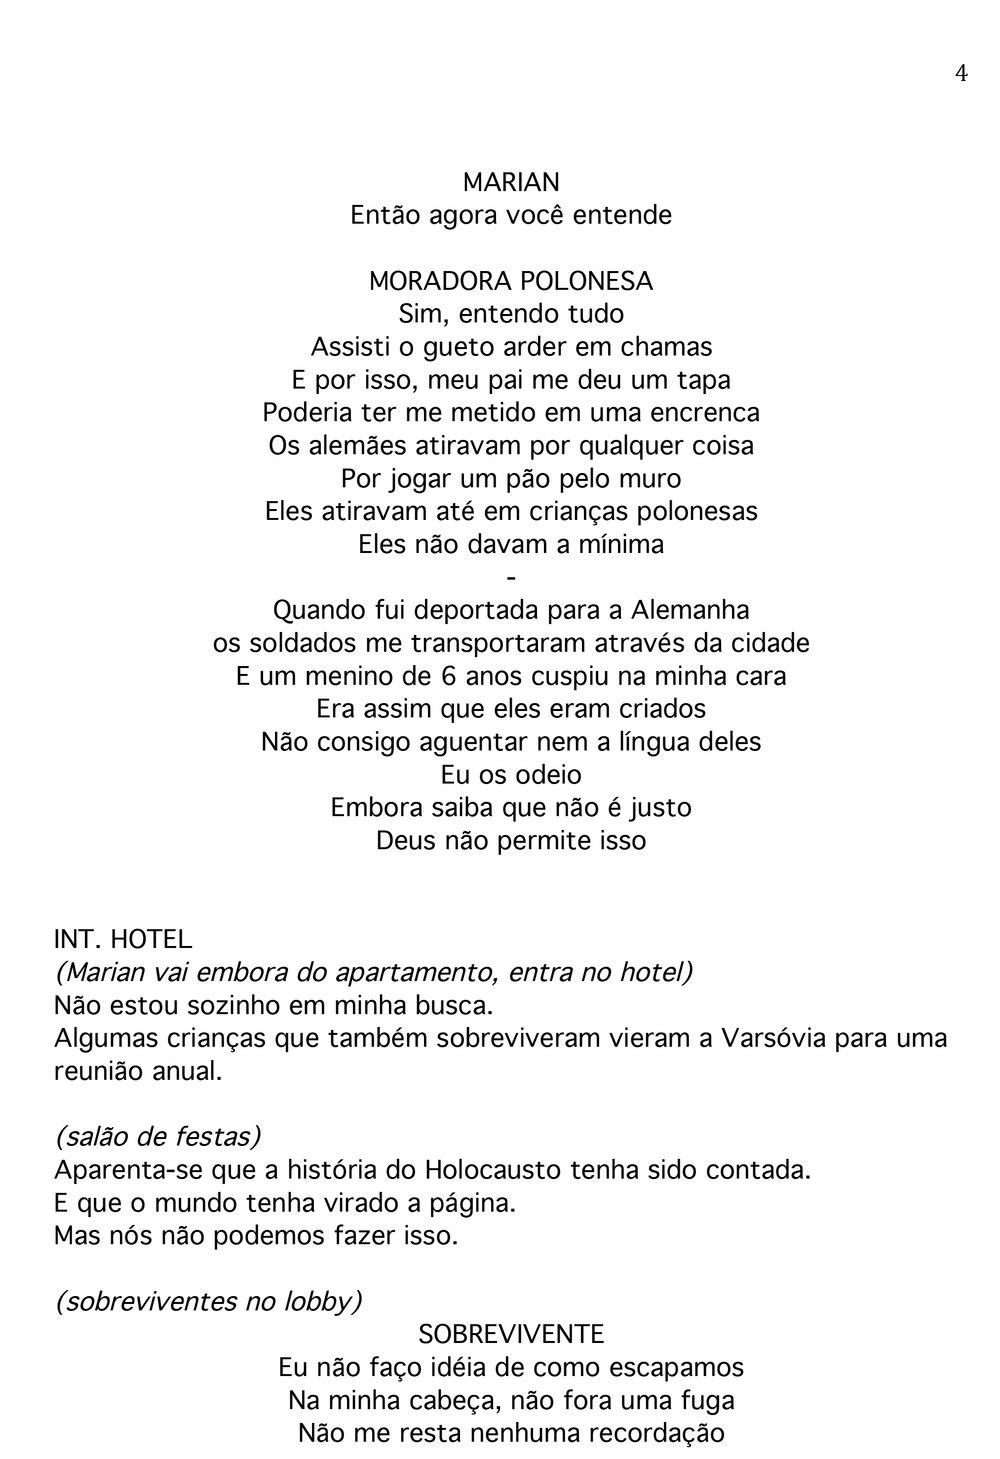 PORTUGUESE-SCRIPT-4.jpg